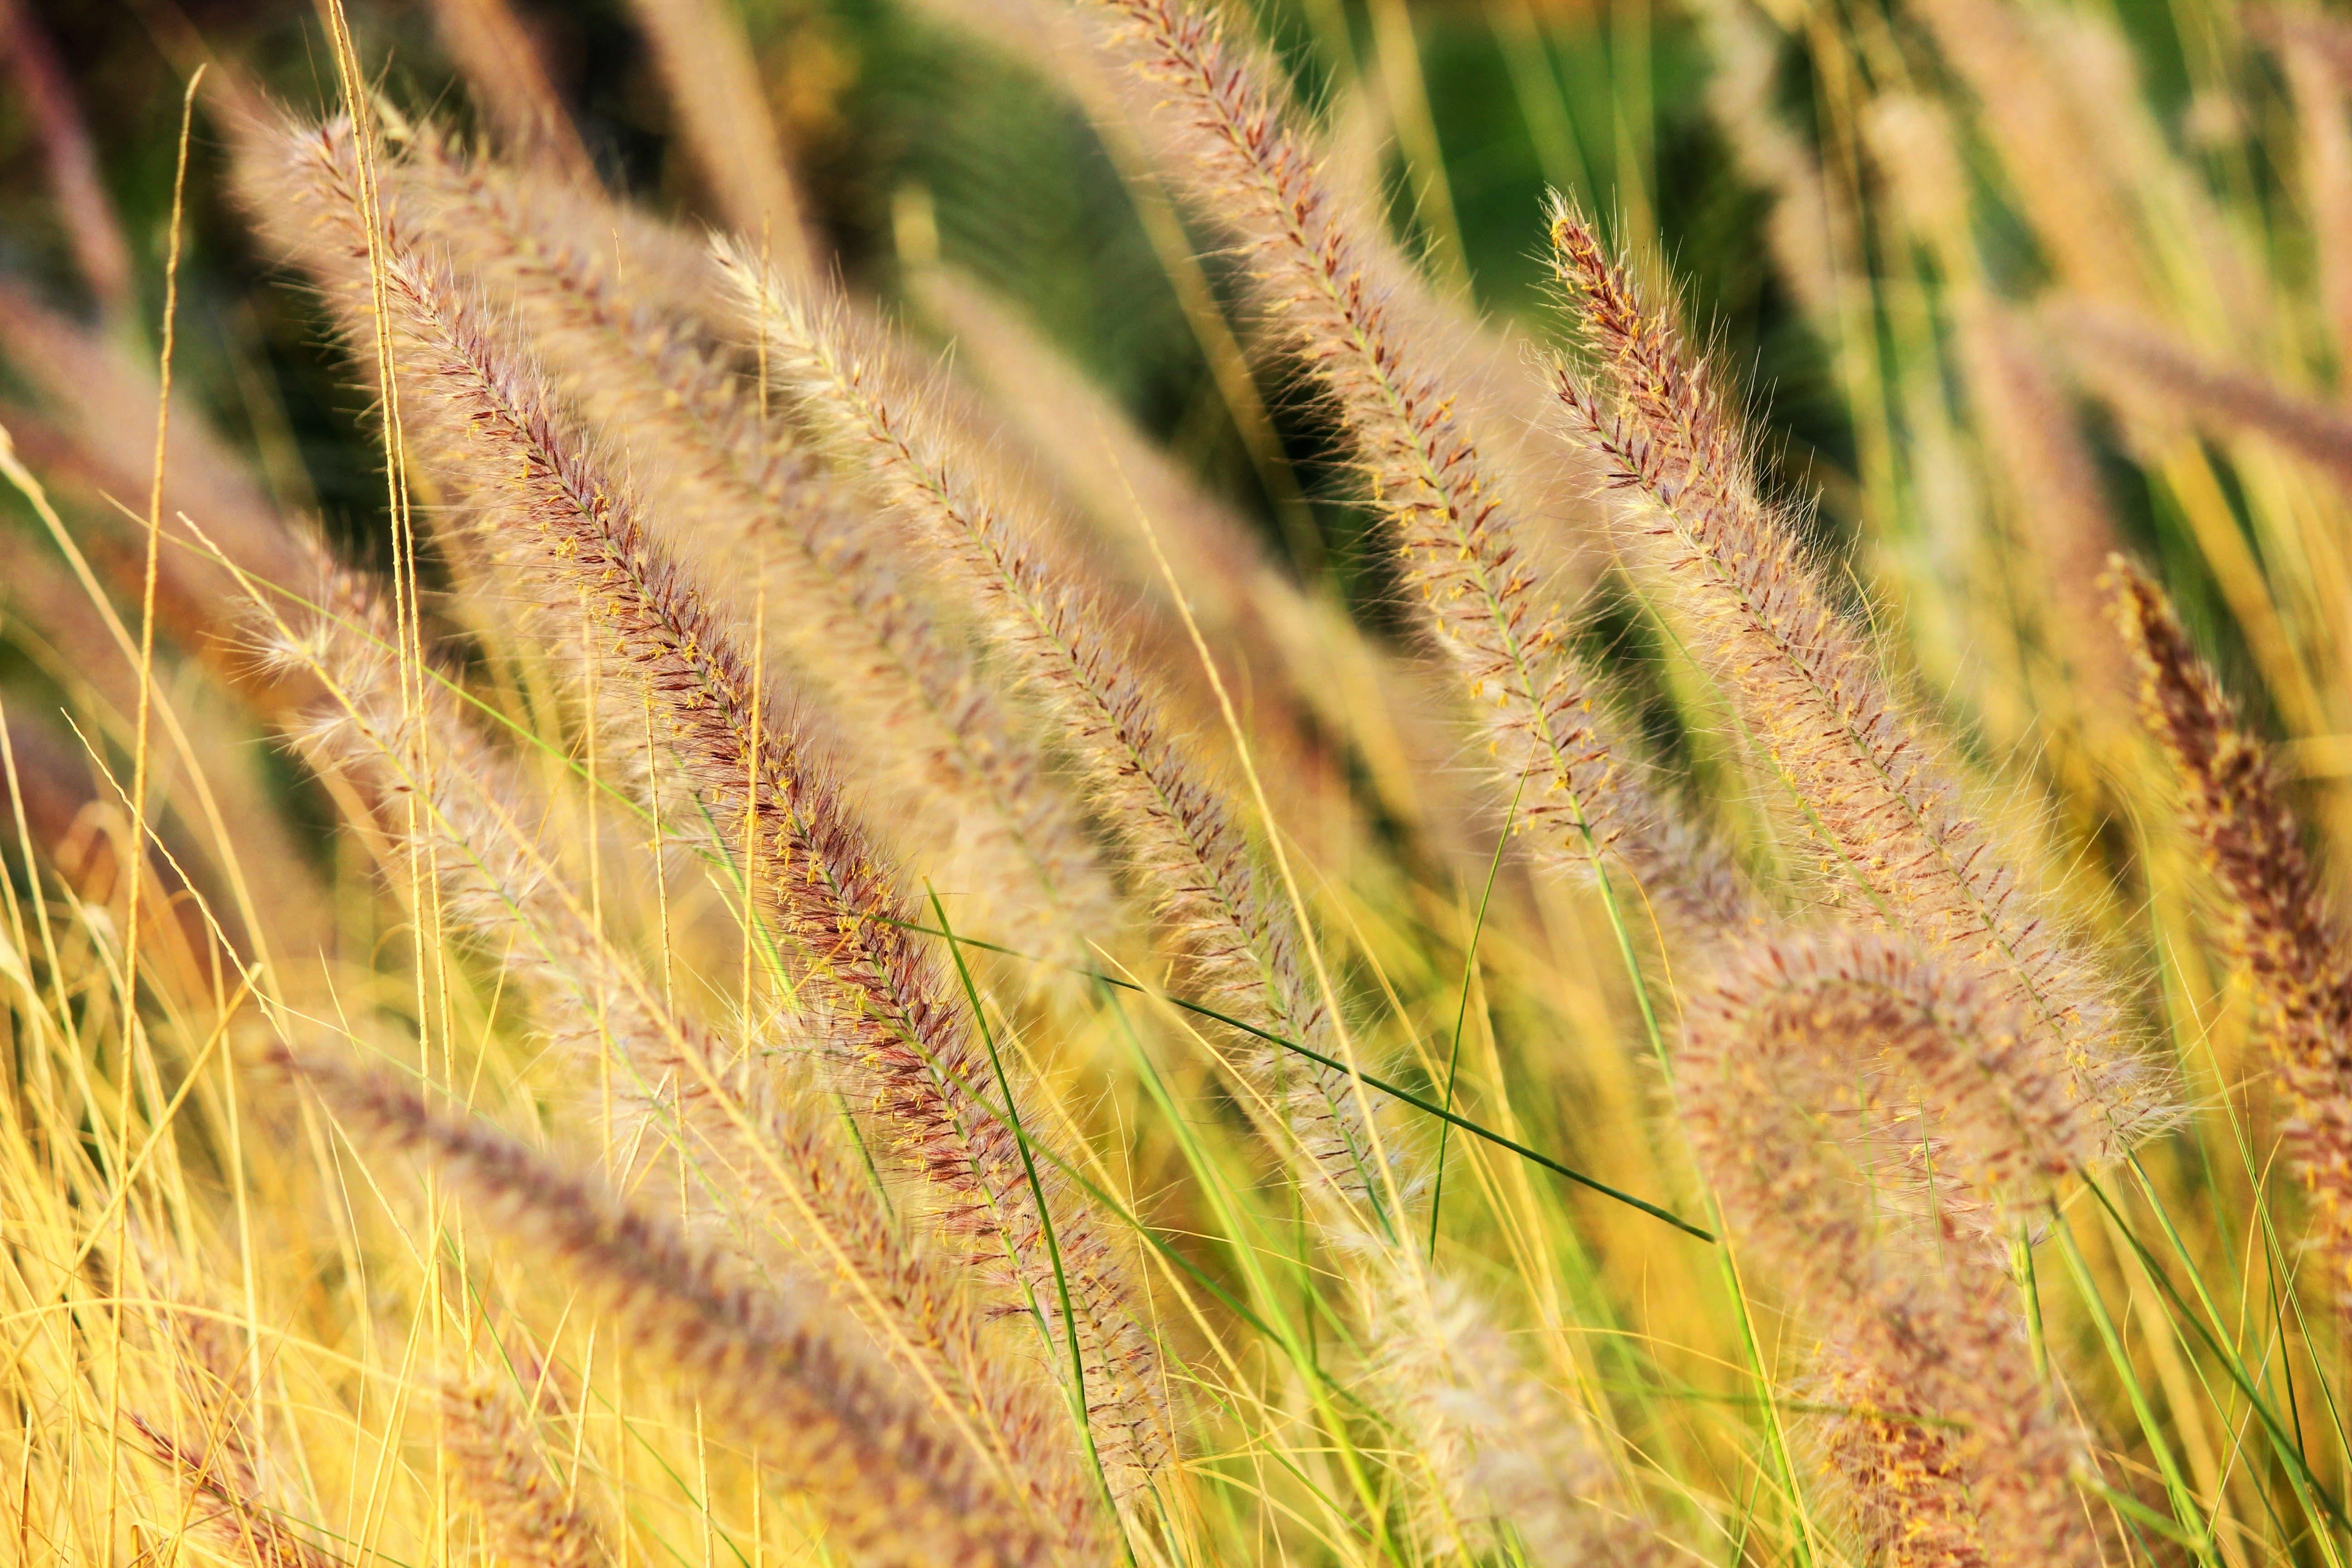 Kostenloses Stock Foto zu natur, feld, bauernhof, gras